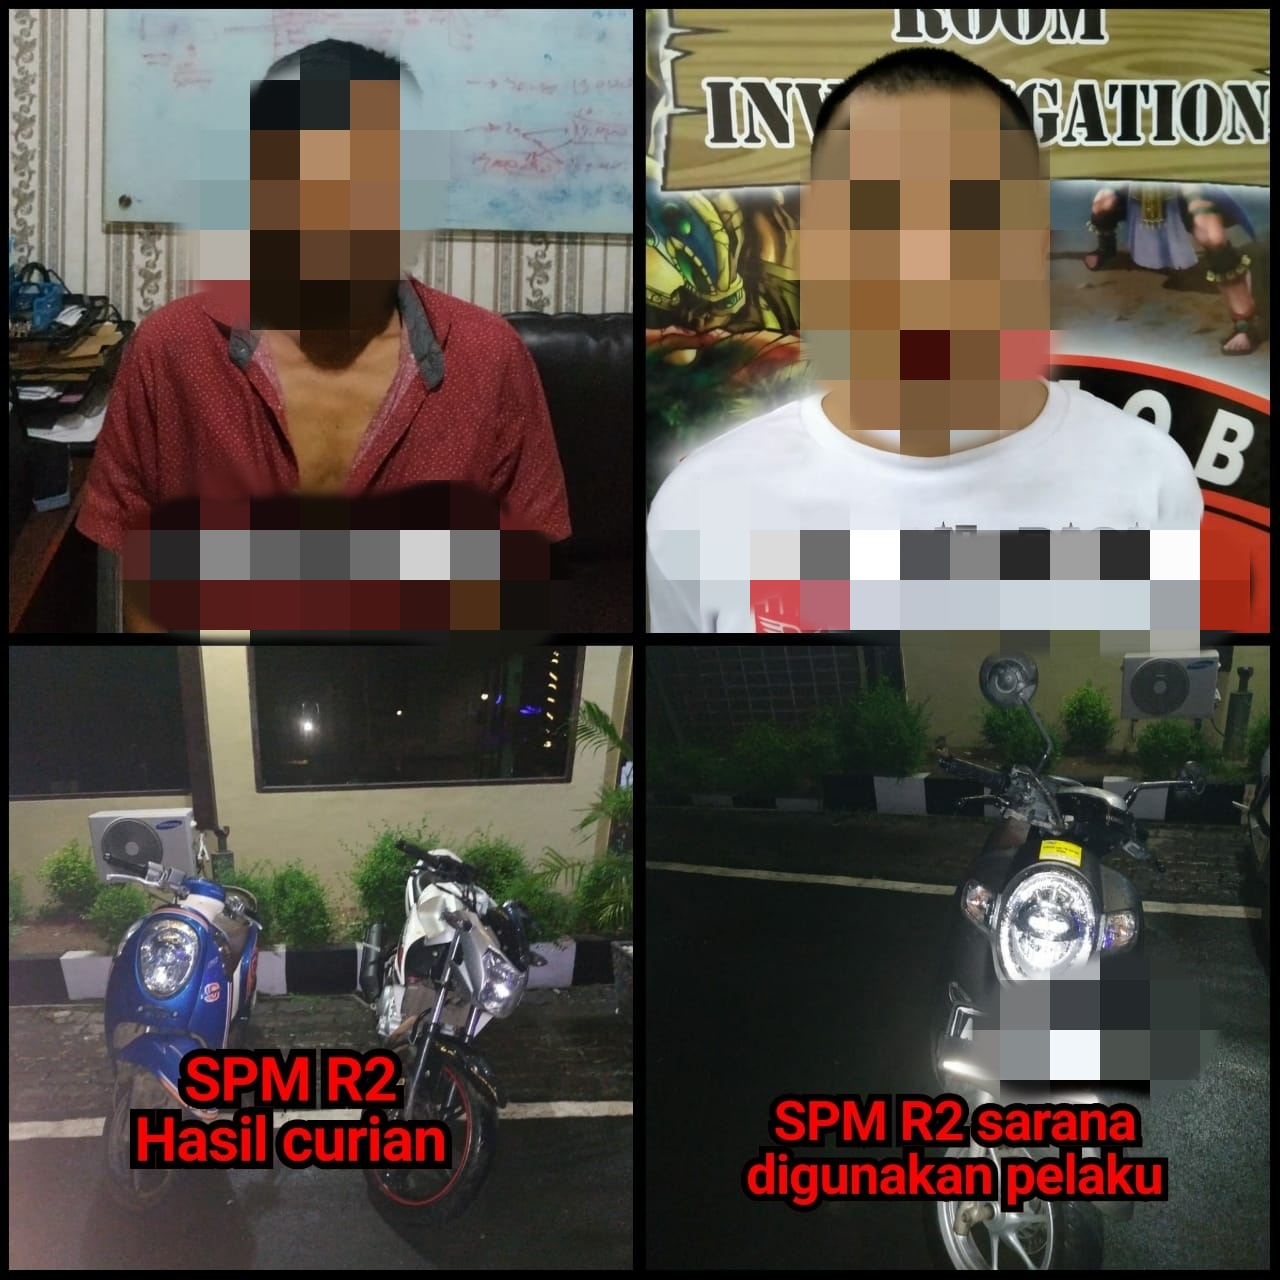 whatsapp-image-2020-02-06-at-15-06-19